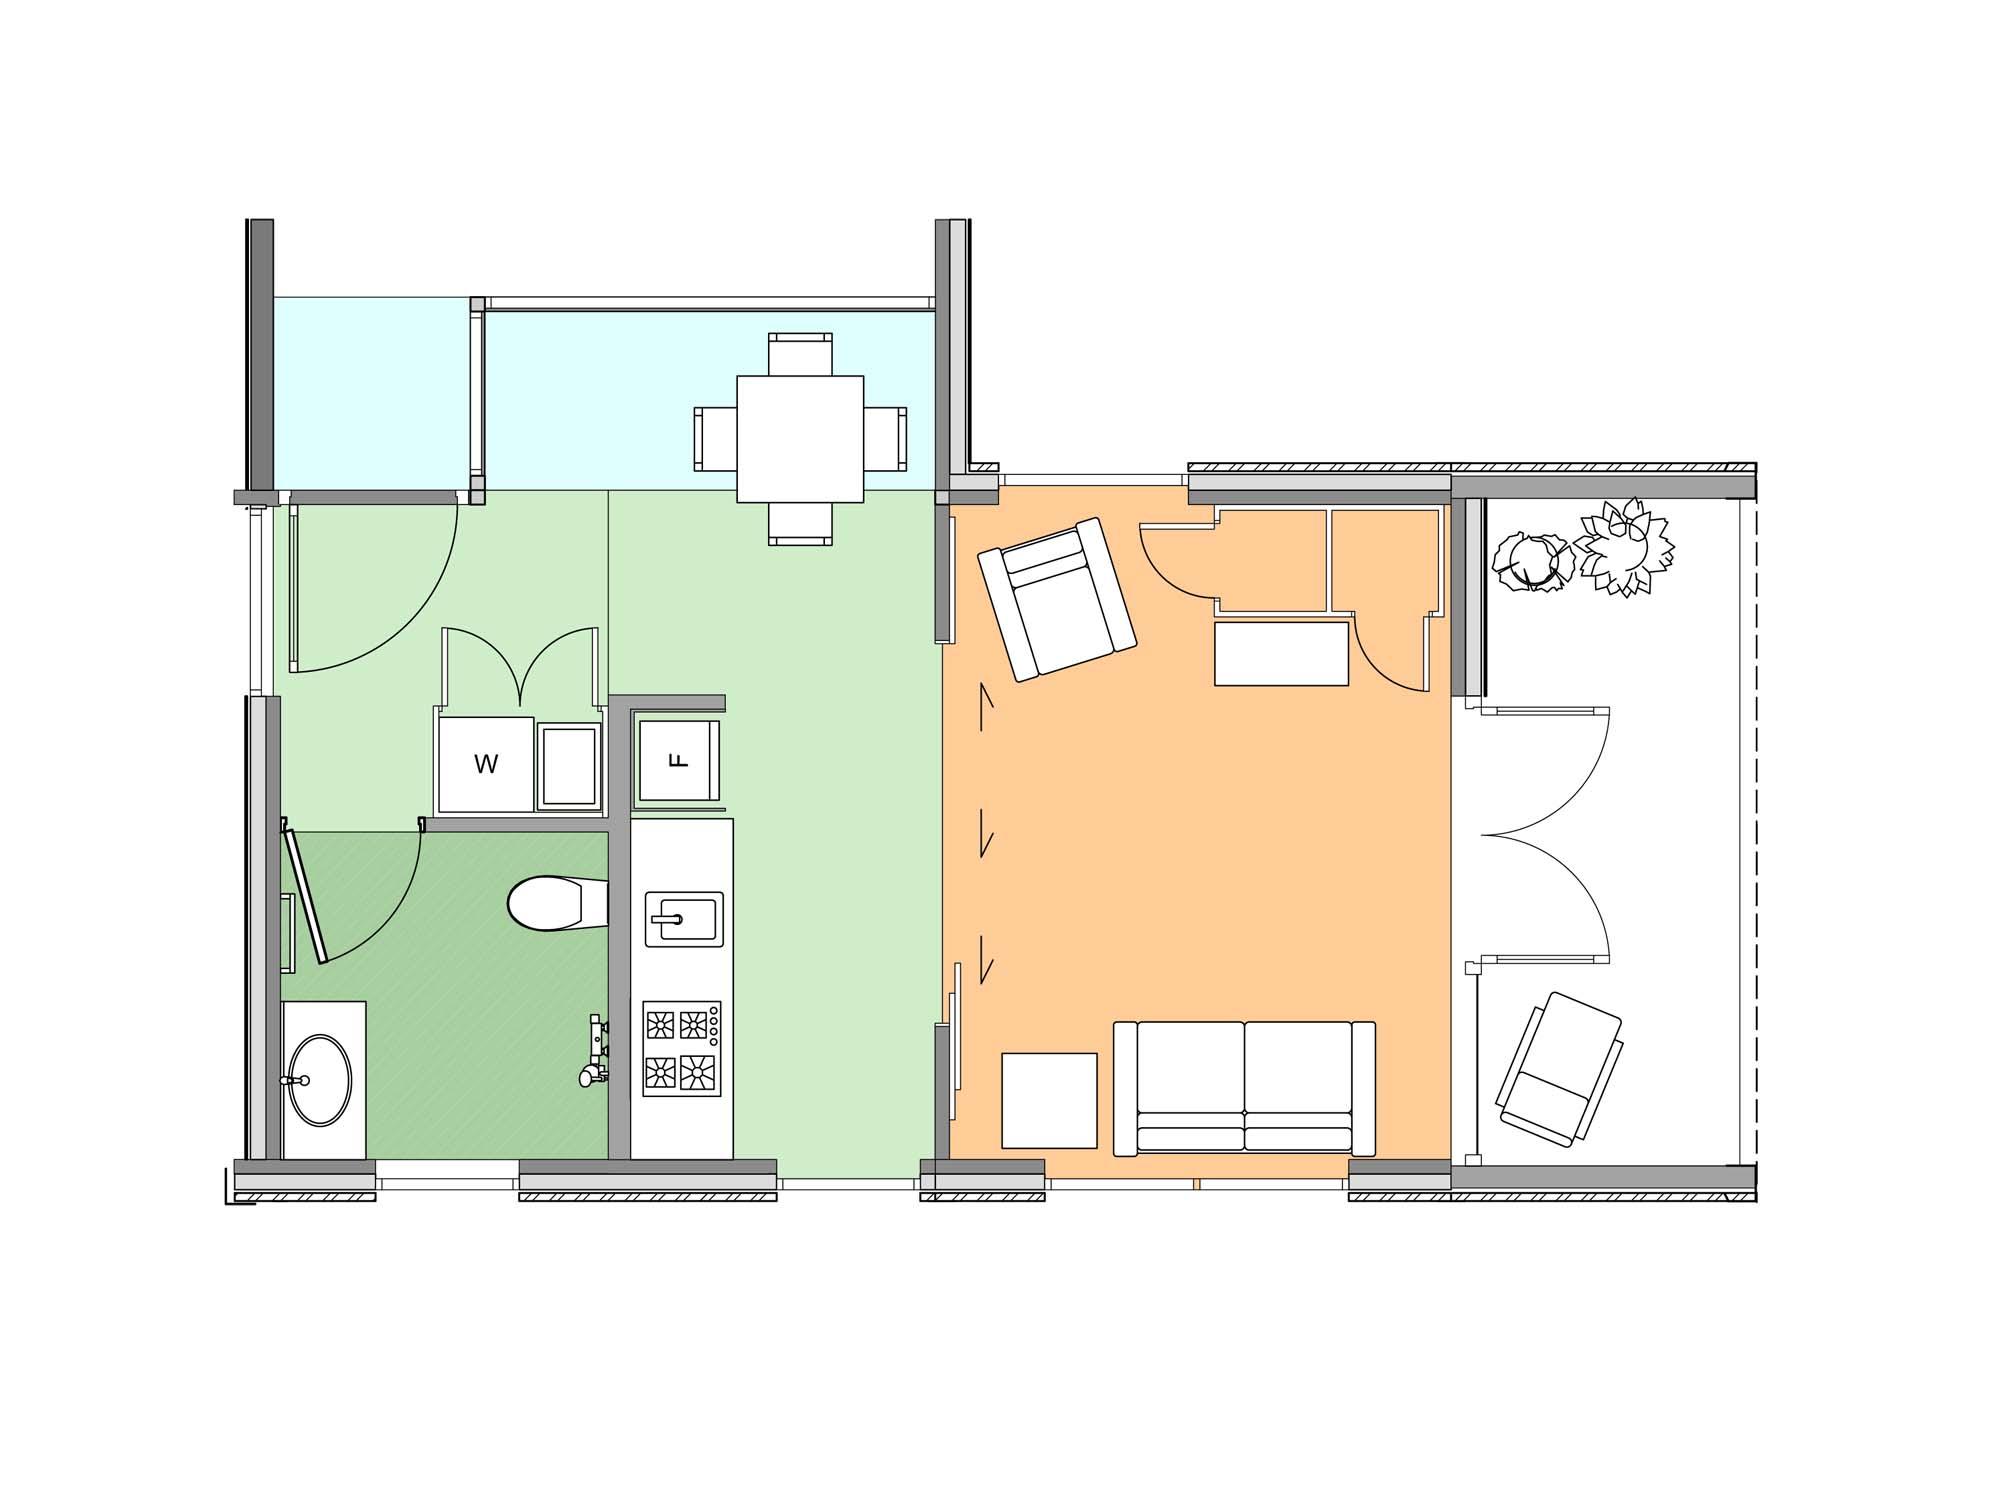 Plan of studio Te Whare-iti TWI 01